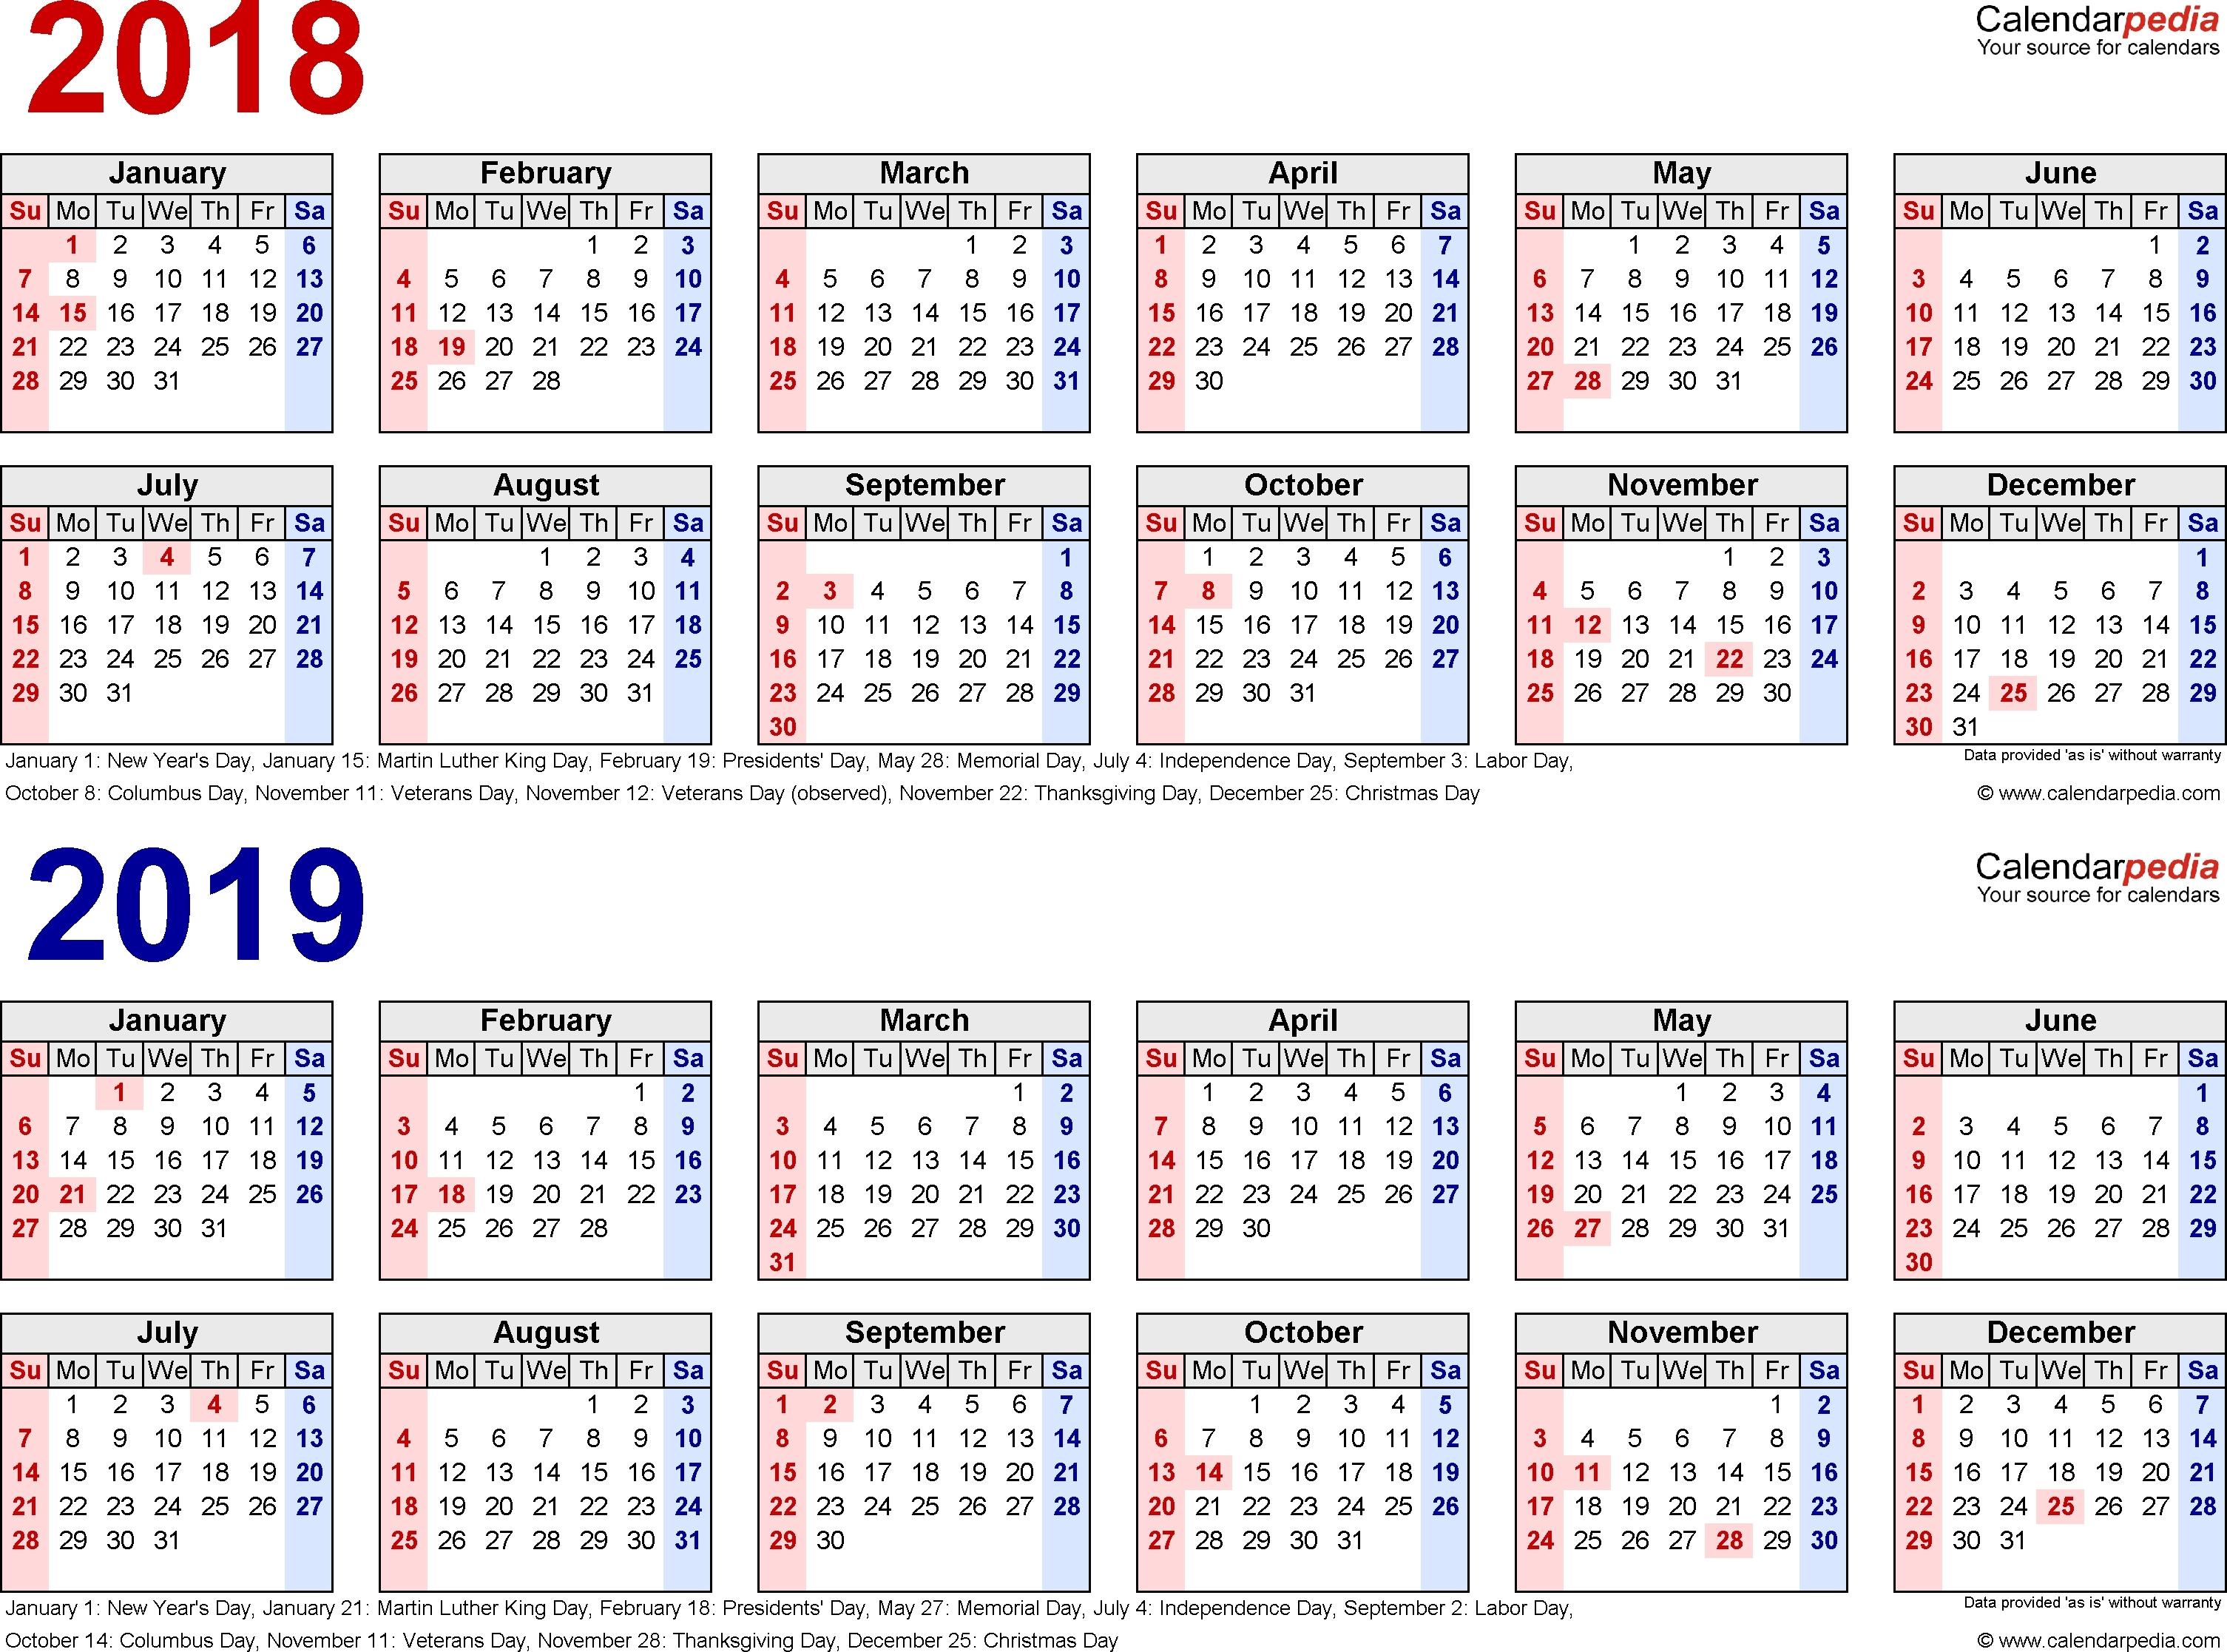 Dashing School Calendar 2019 Zimbabwe • Printable Blank Calendar_Calendar Printing In Zimbabwe